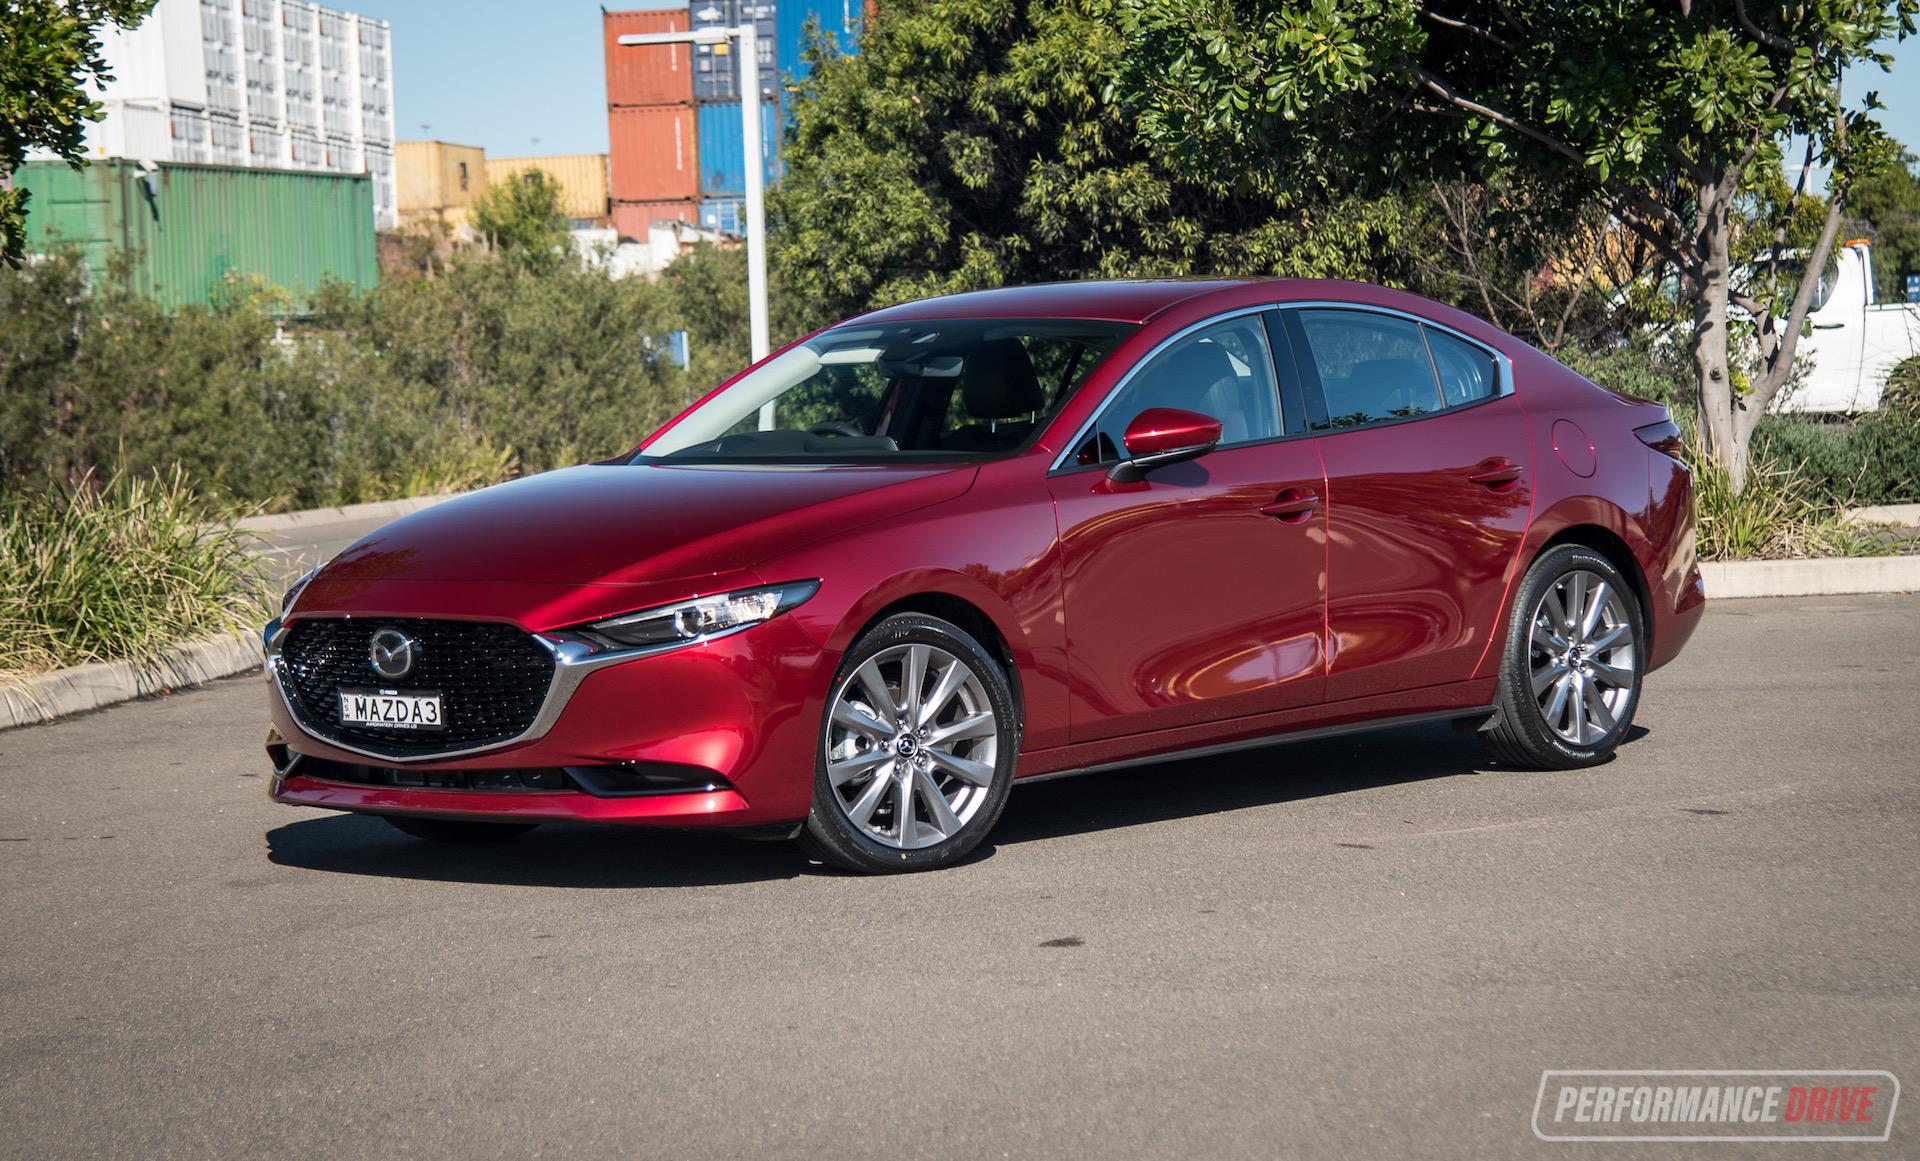 Kelebihan Kekurangan Mazda 3 2019 Sedan Tangguh